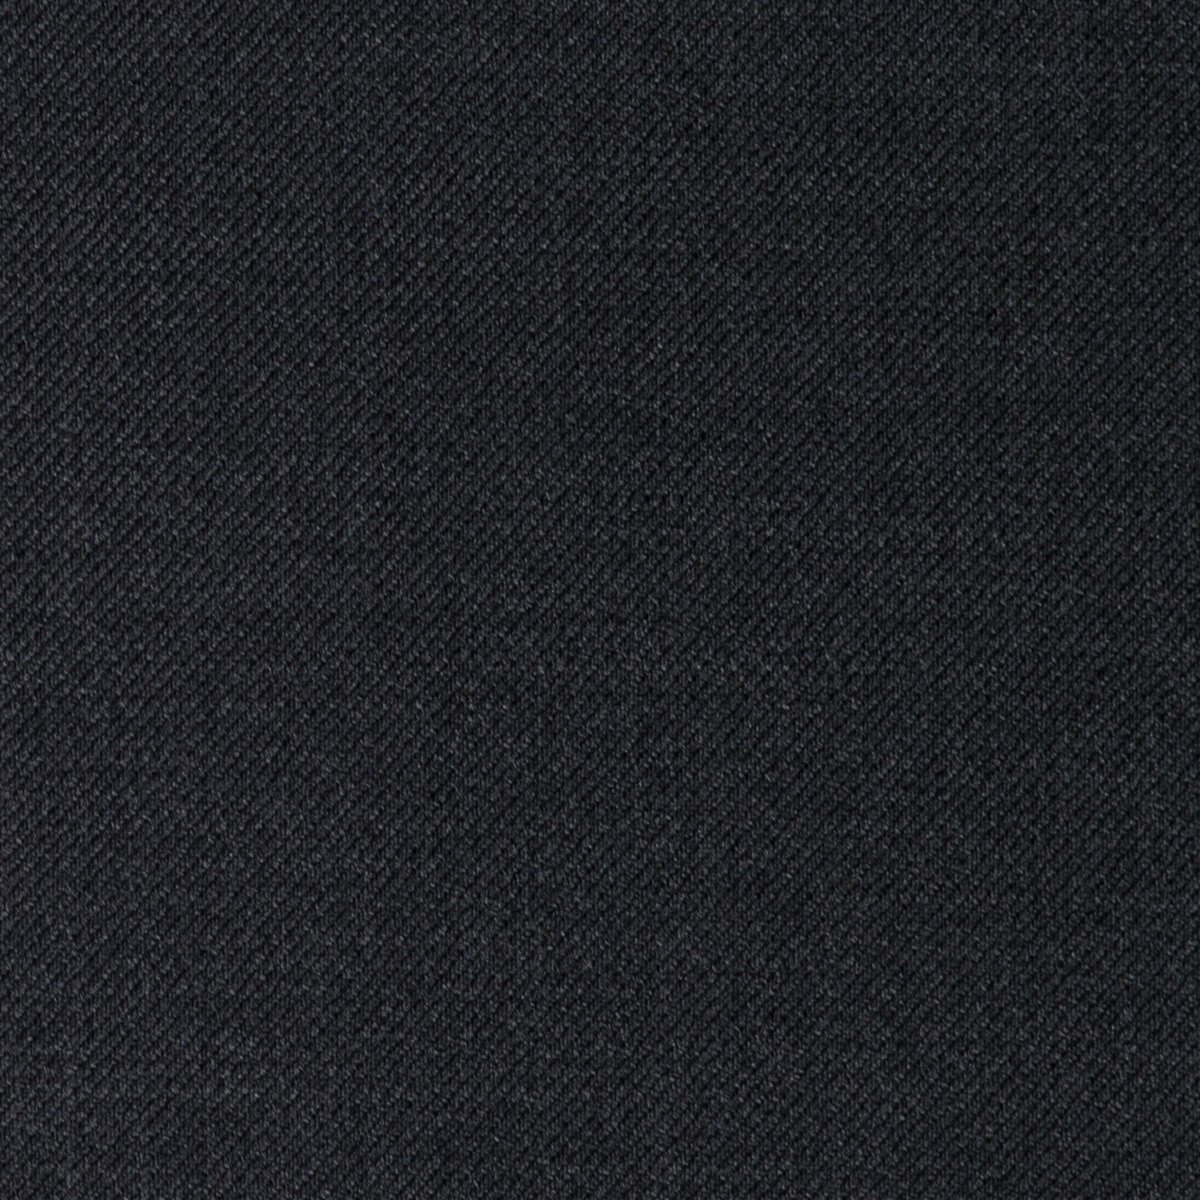 ゼニア TROFEO ダークグレー Wool100% イタリア製 50cmにつき   B07CSW7CD1